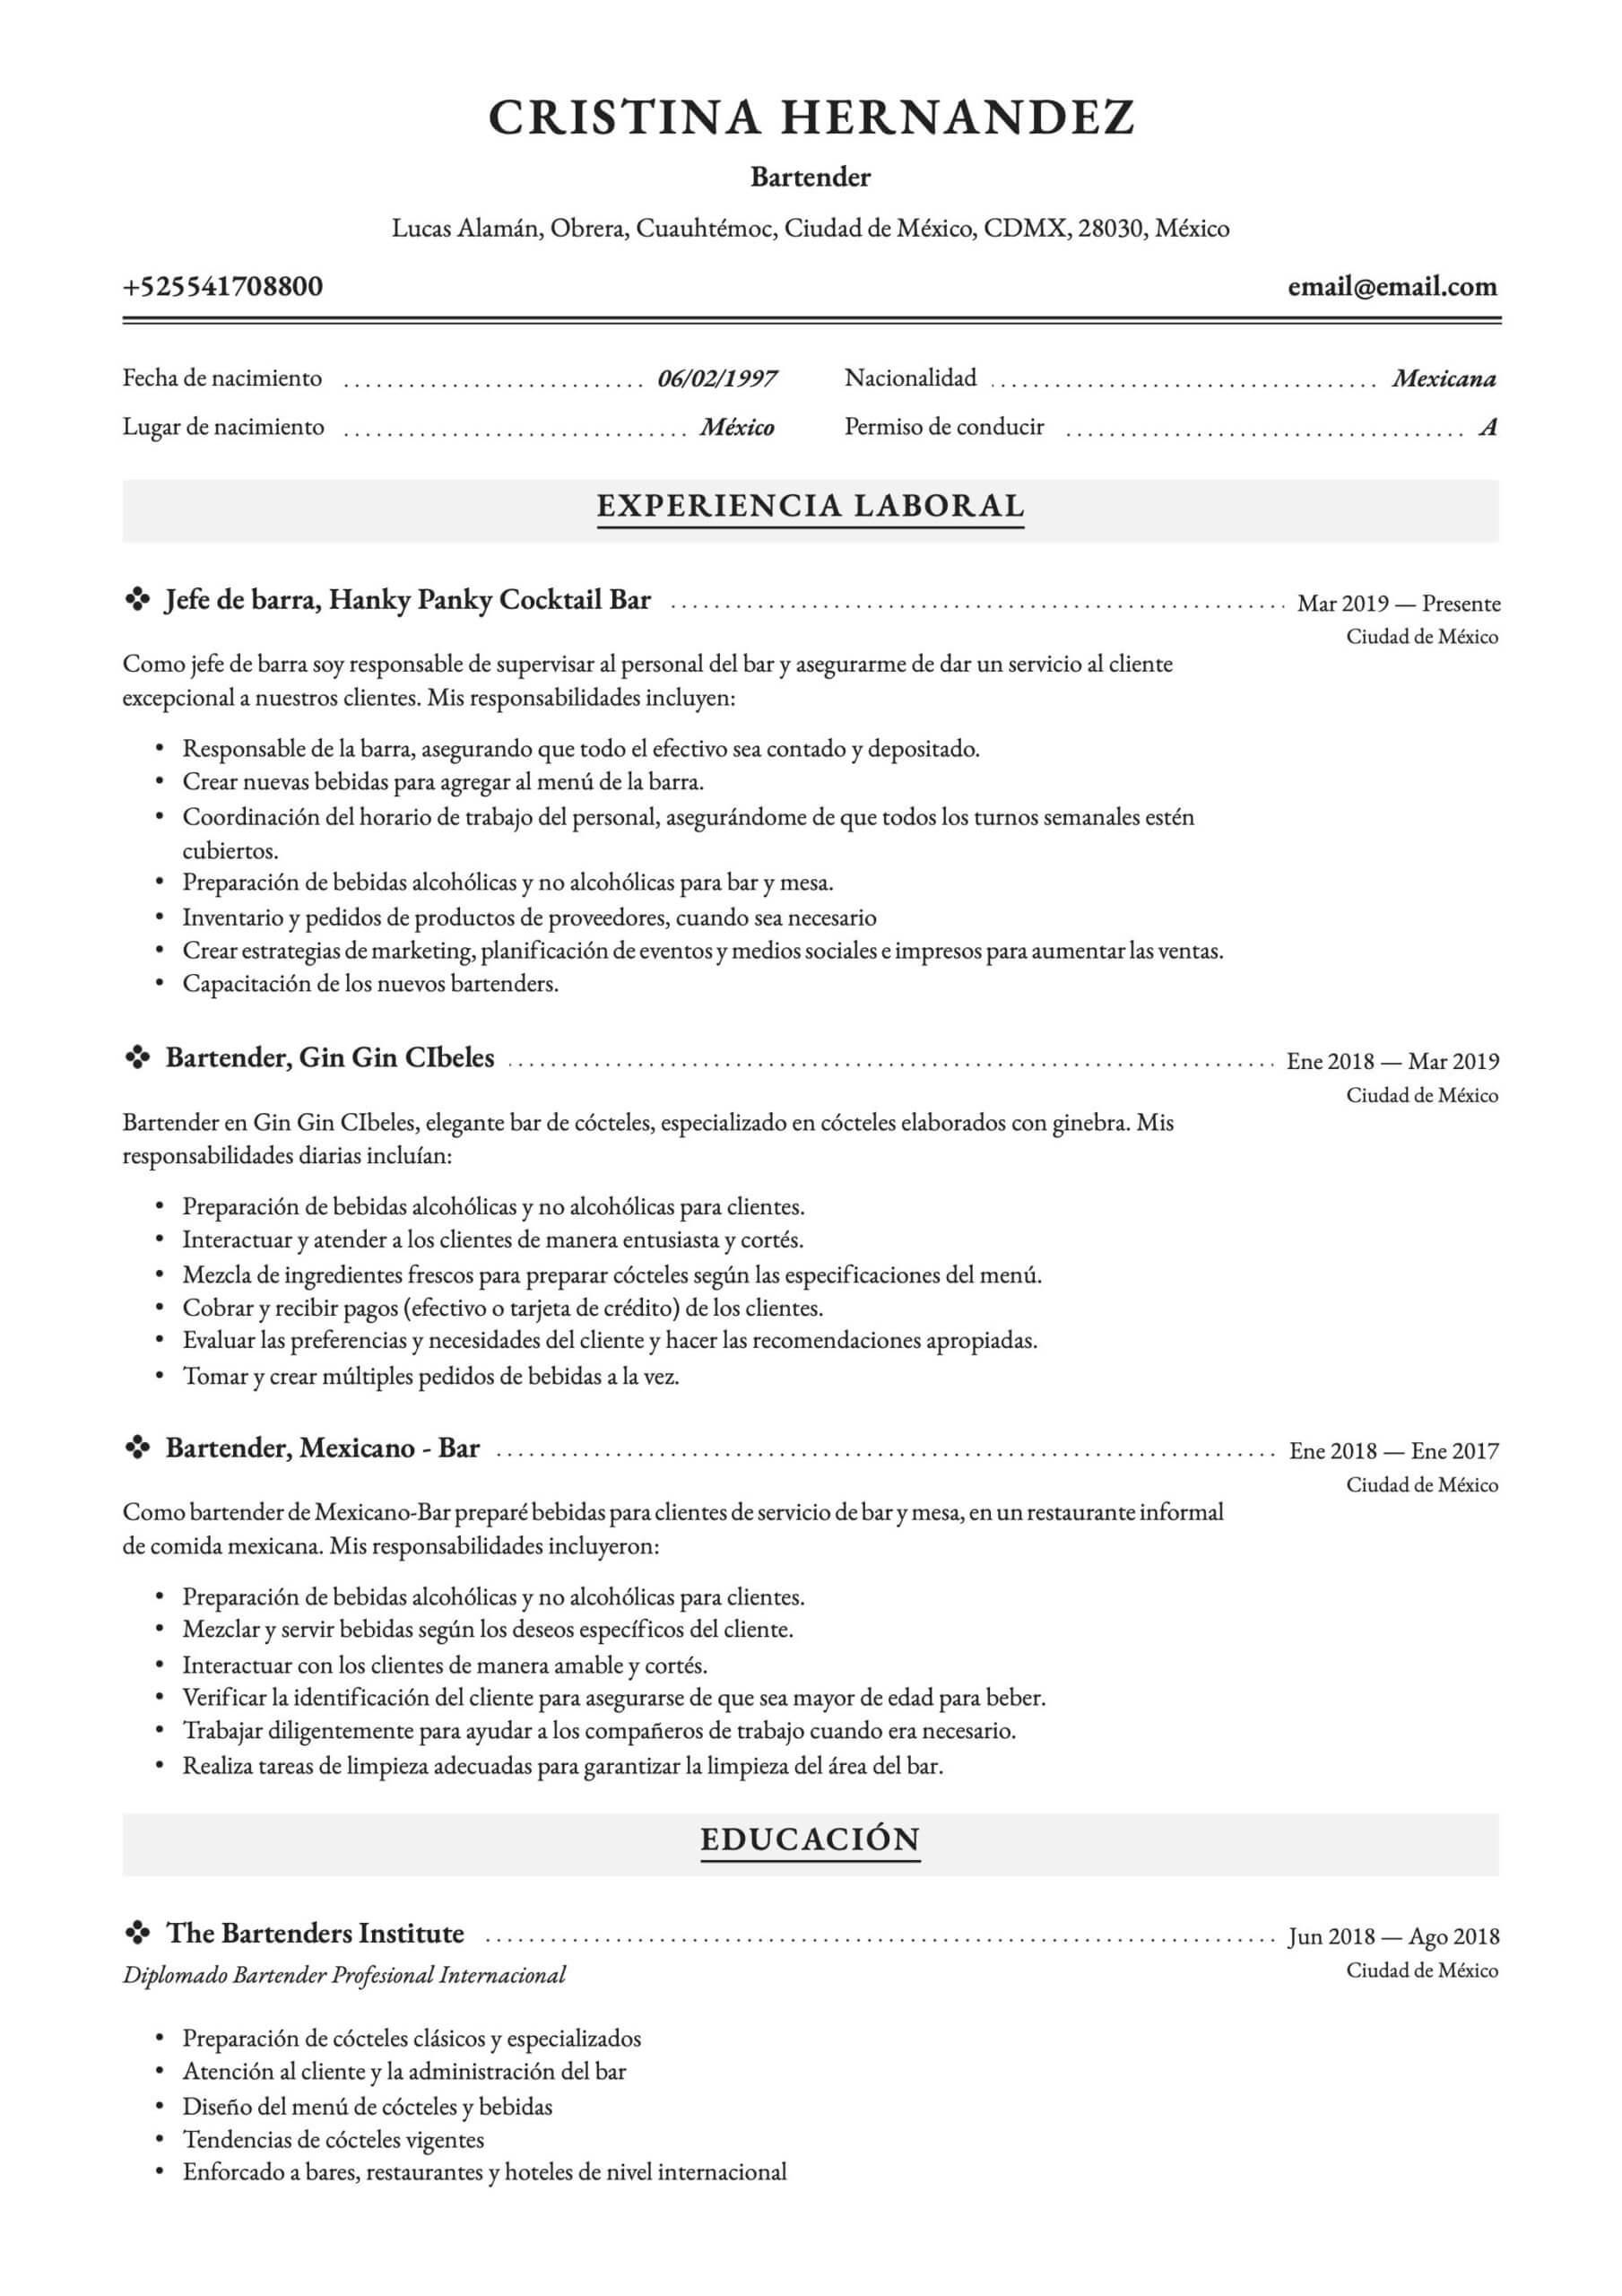 Ejemplo de CV para bartender